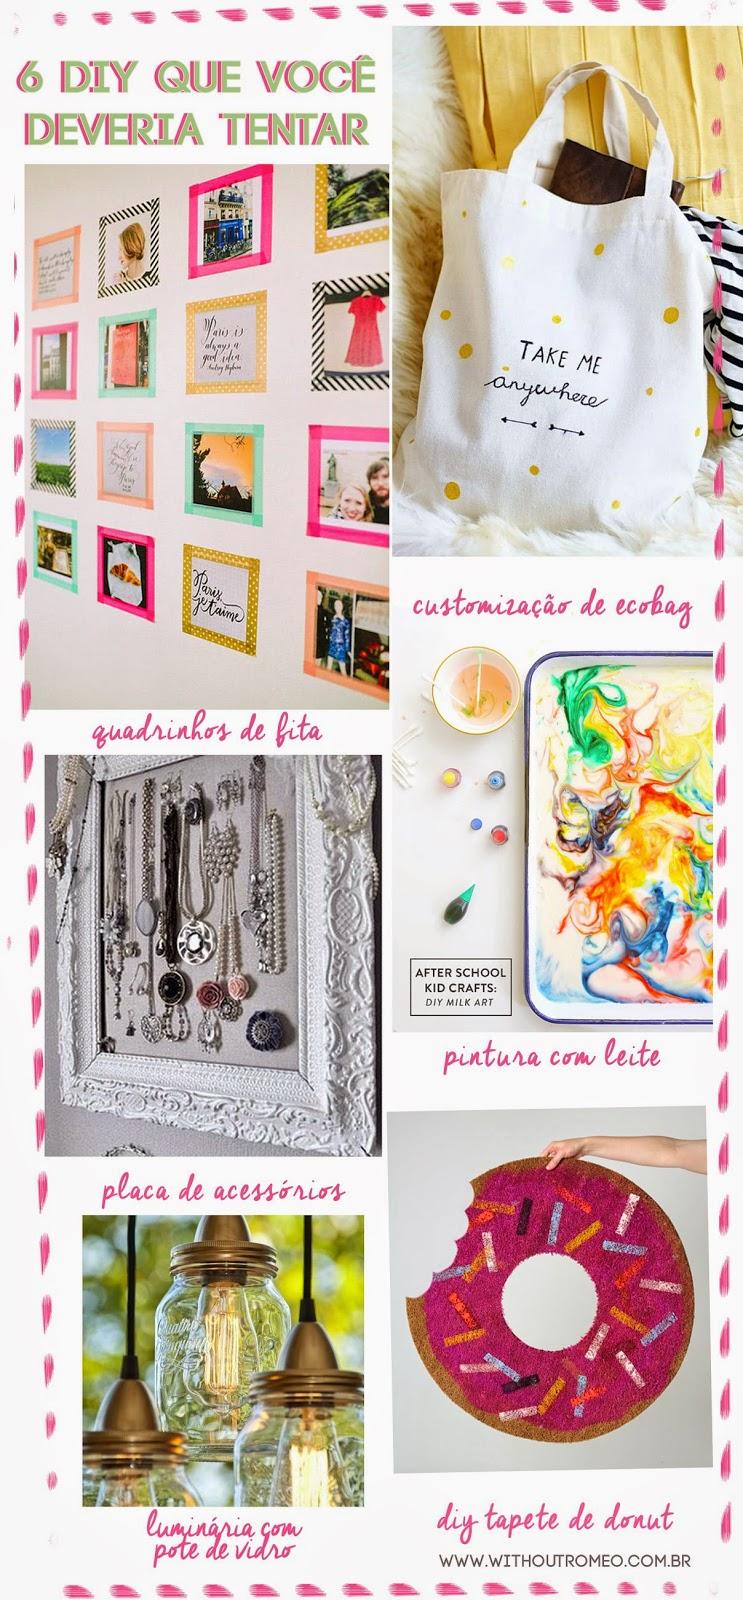 faça você mesma decoração, tapete donut, acessórios, ecobag, pintura com leite